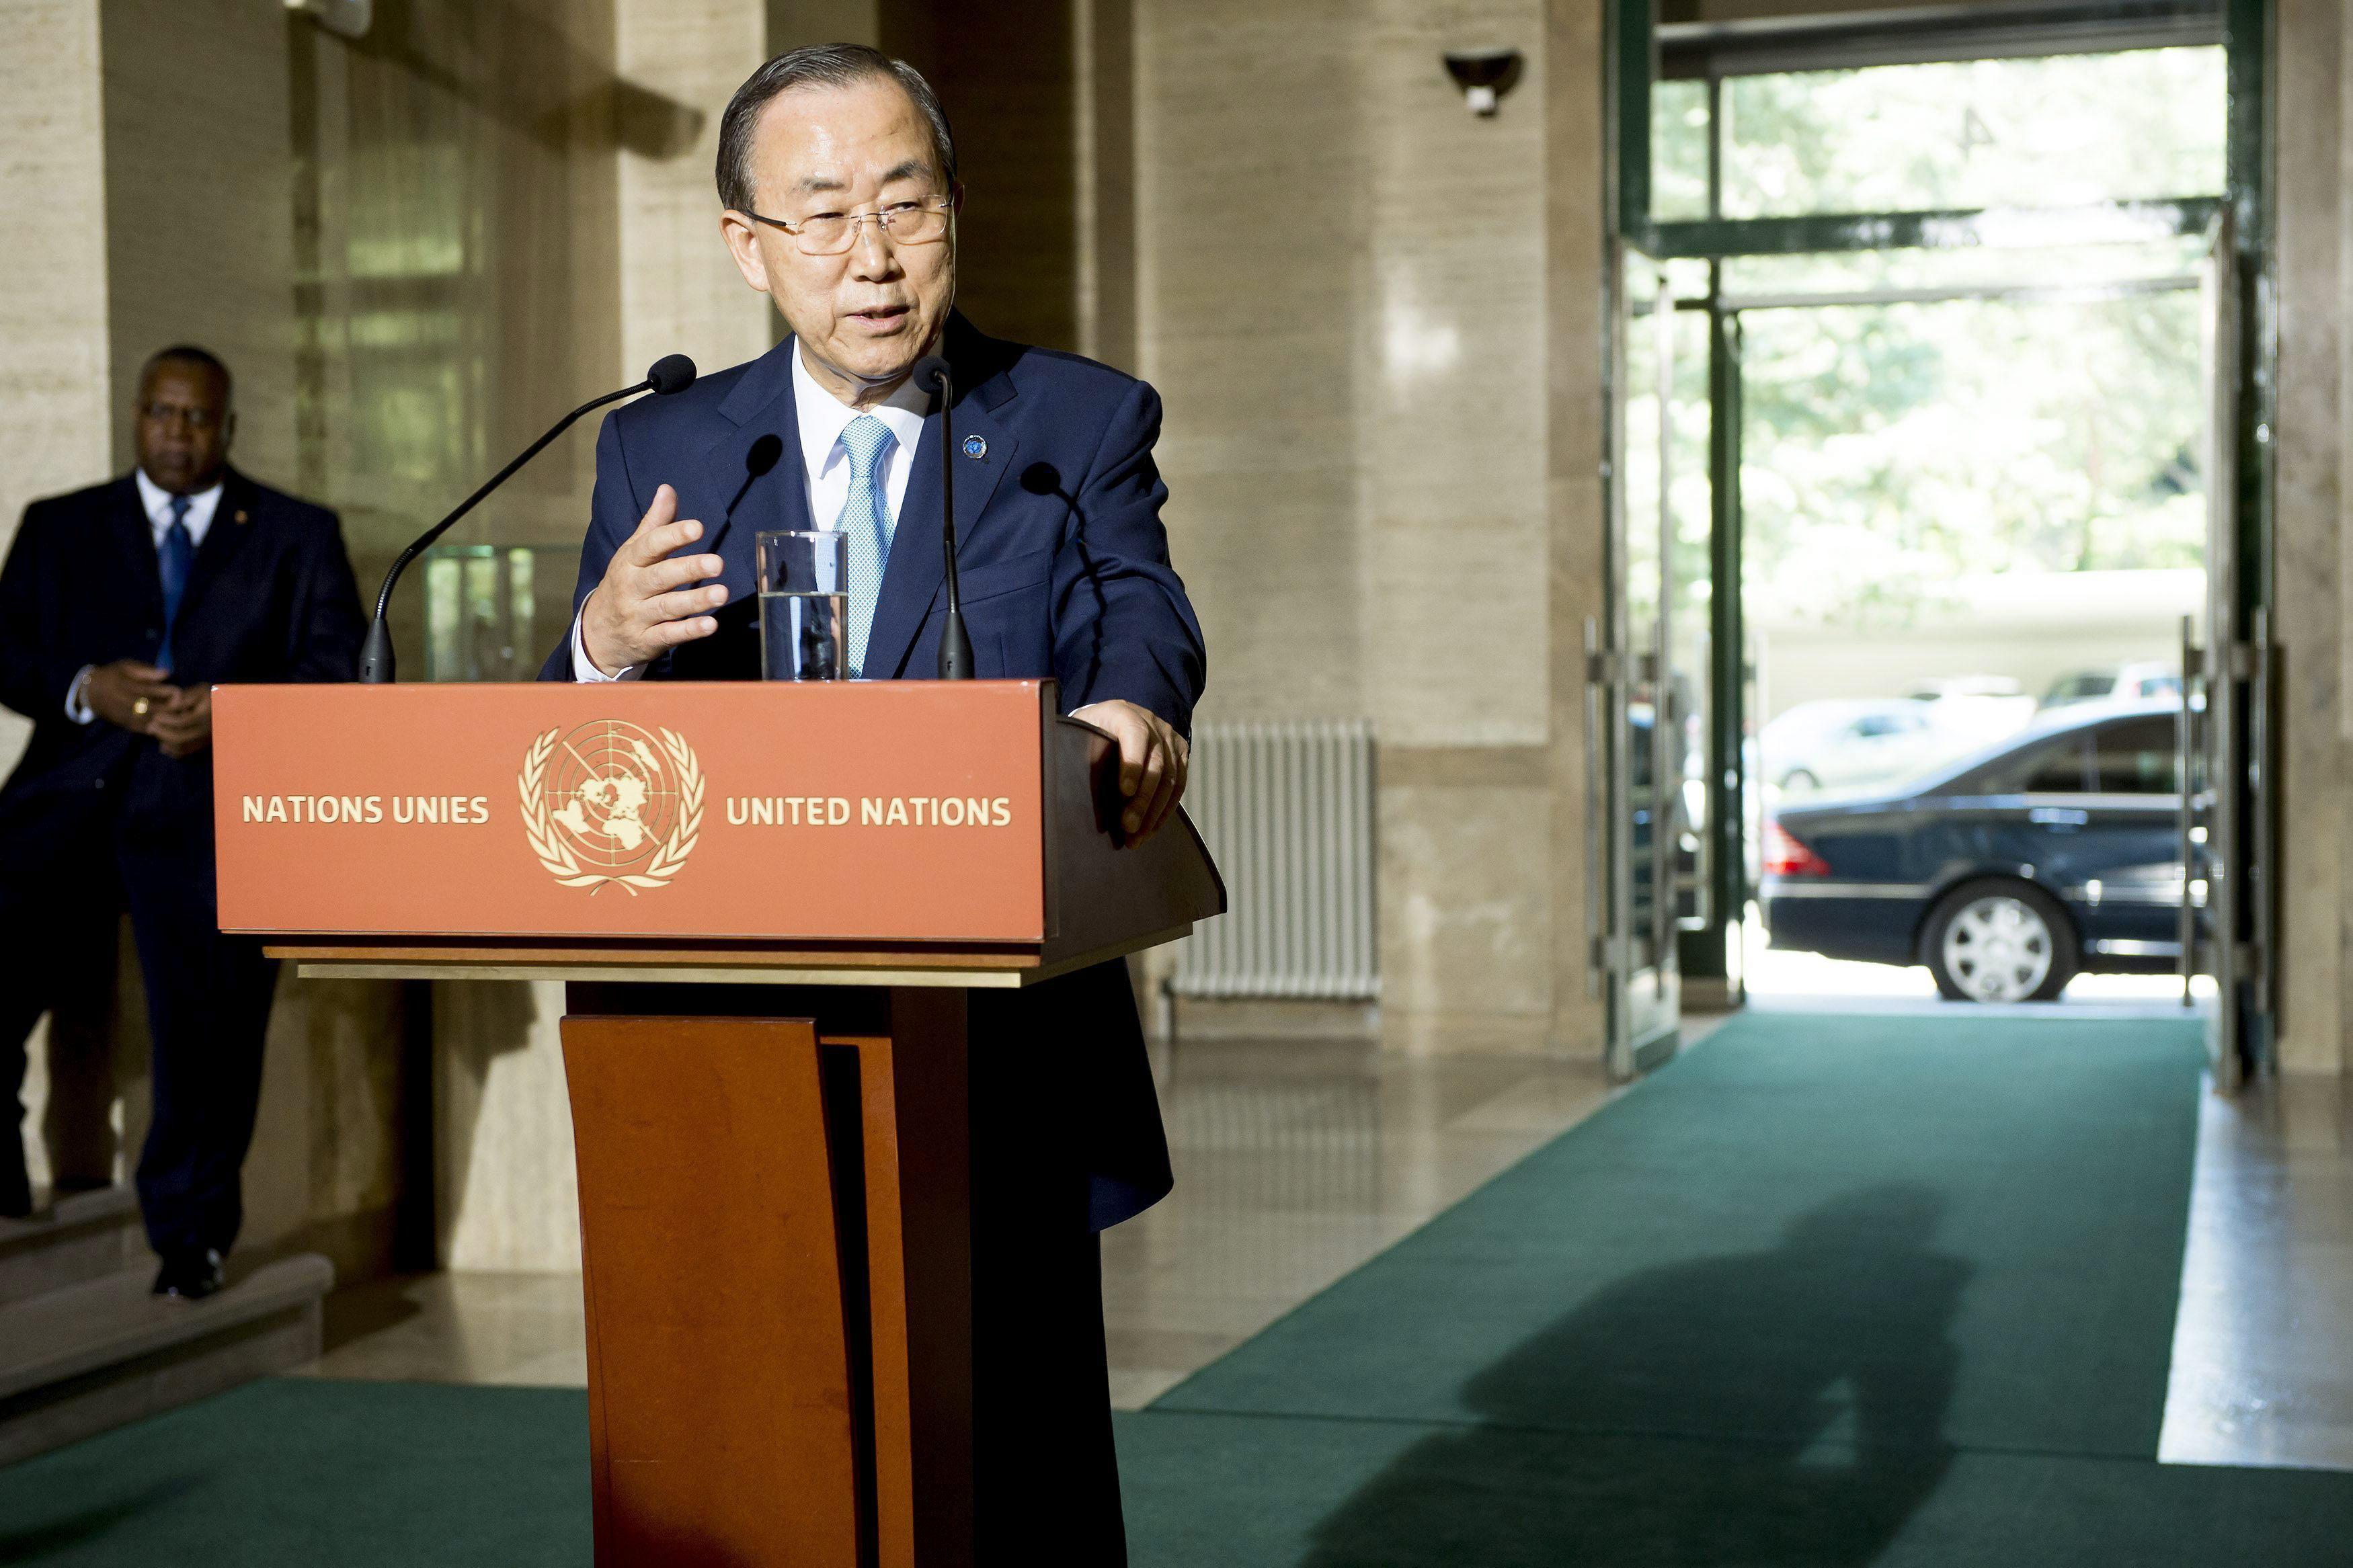 Los países deben garantizar la inviolabilidad de las sedes diplomáticas, según la ONU